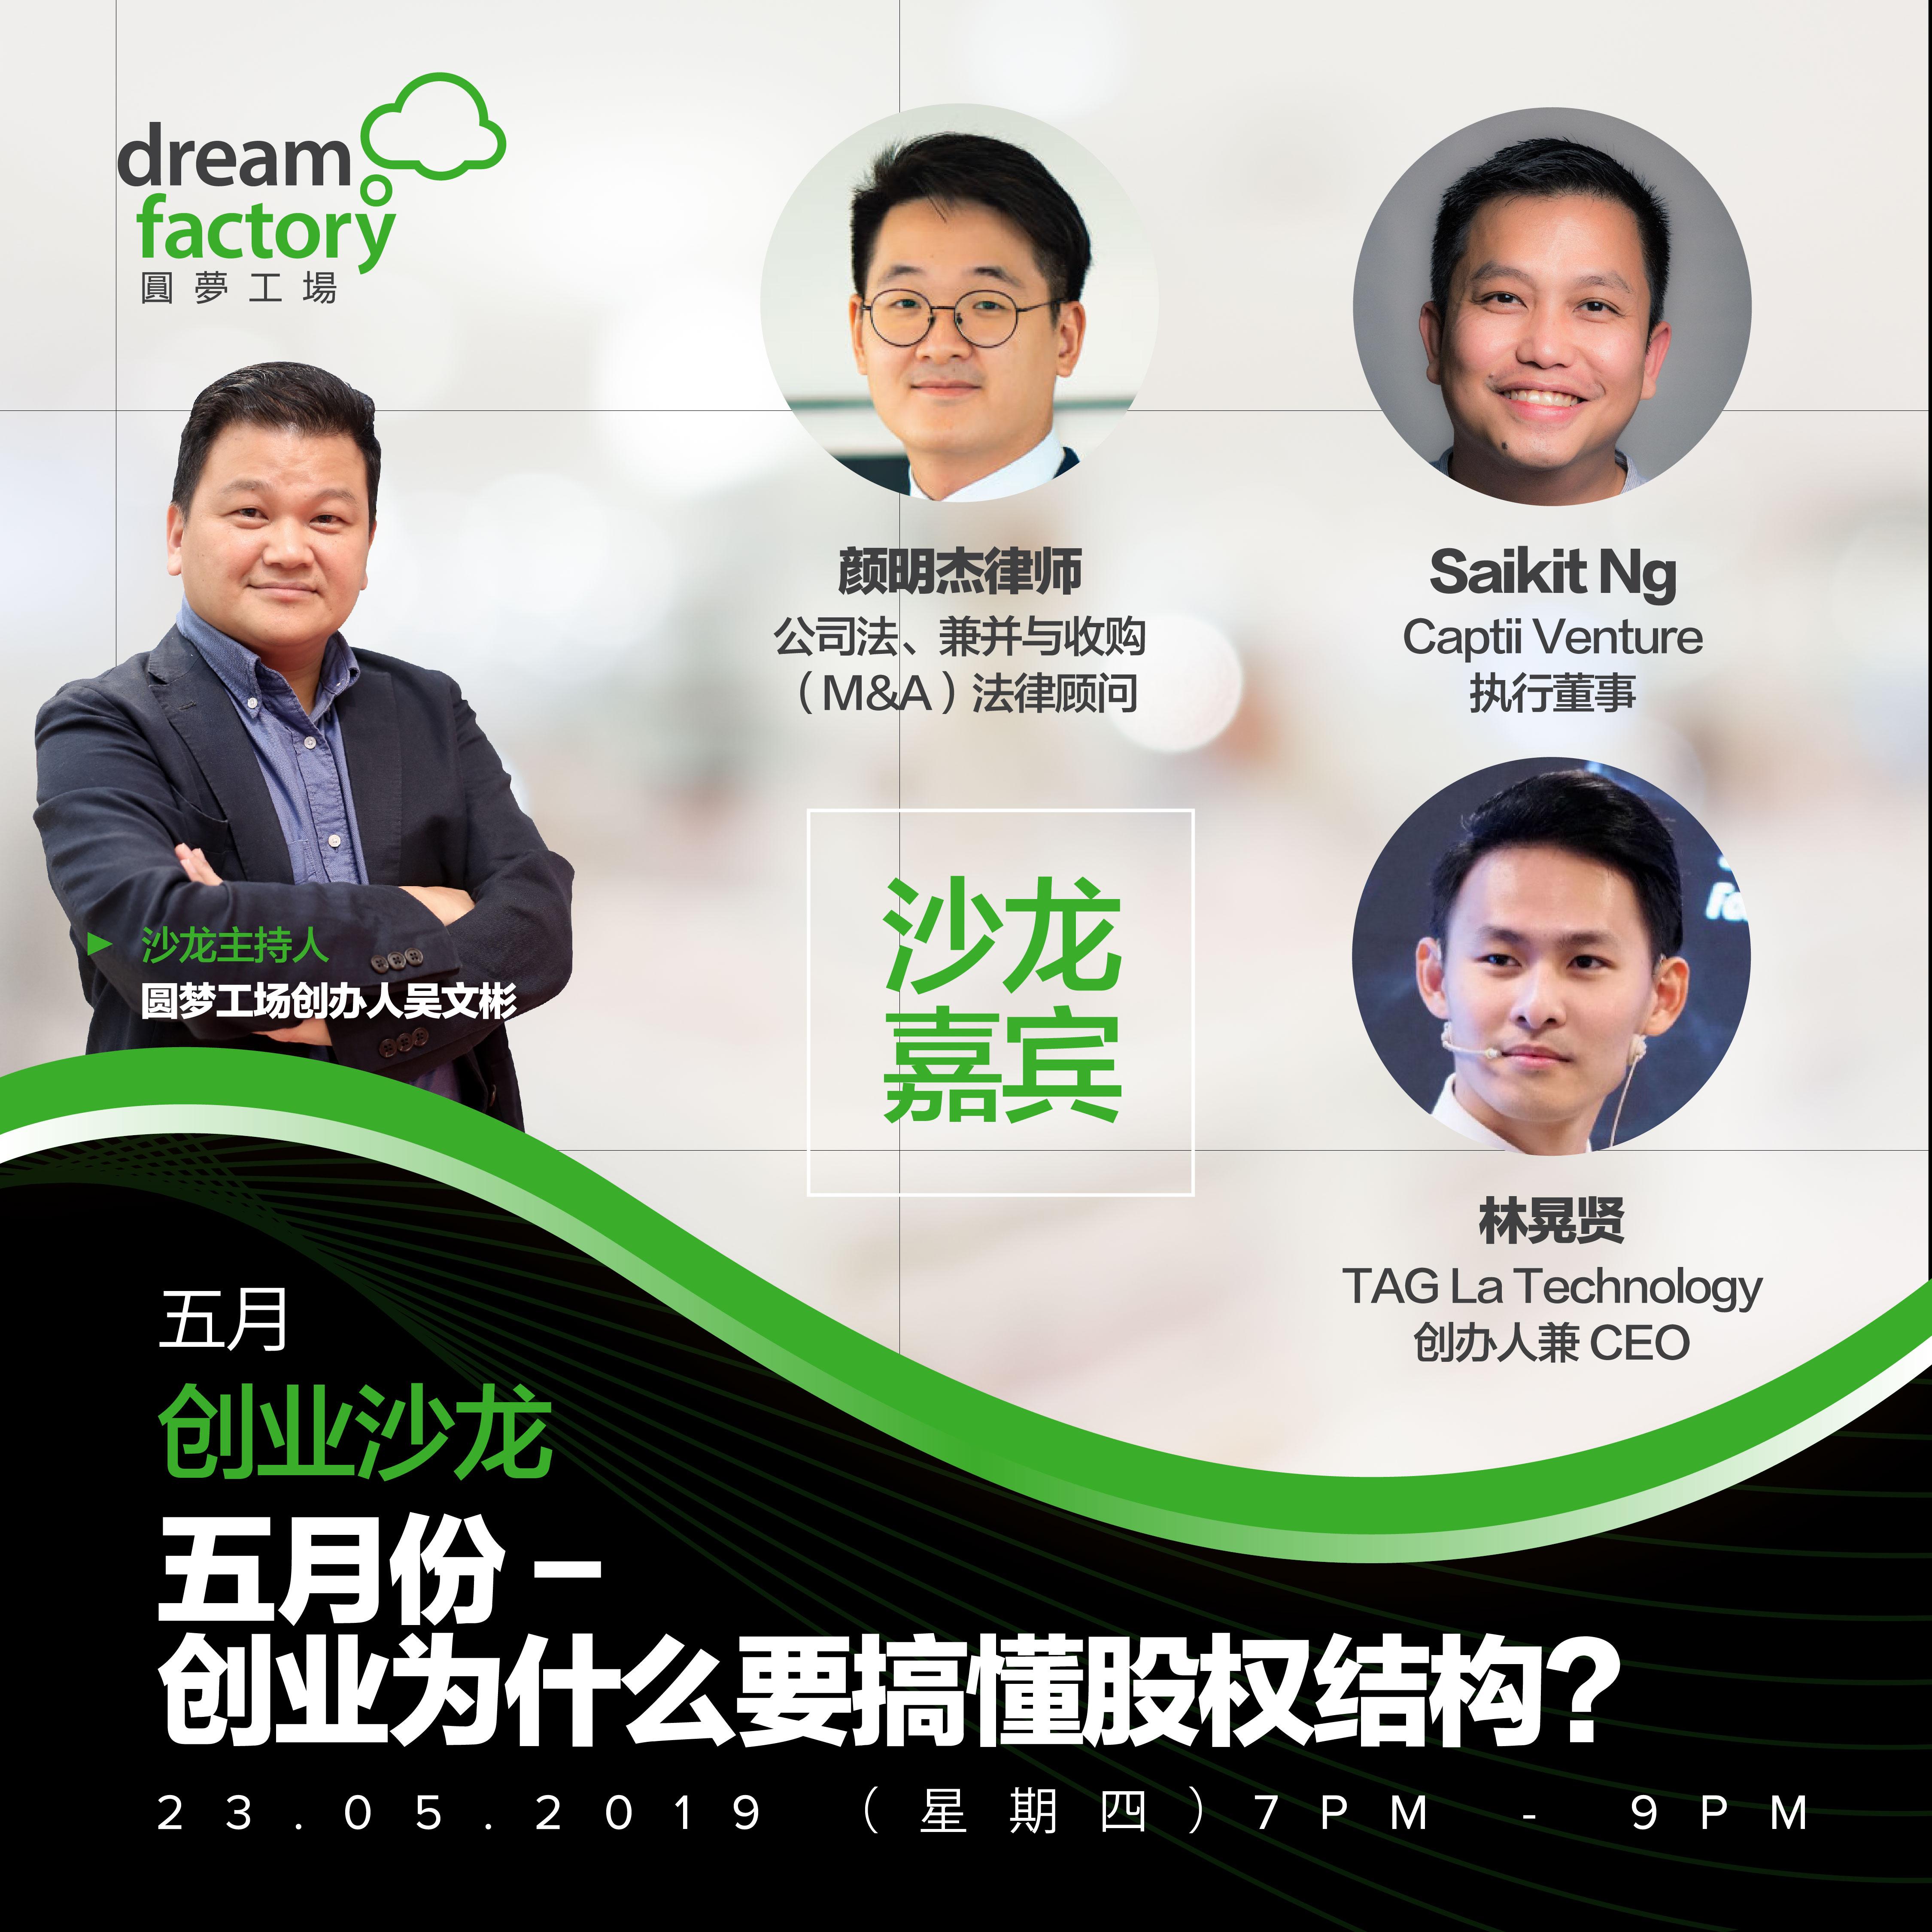 创业沙龙:创业为什么要搞懂股权结构?